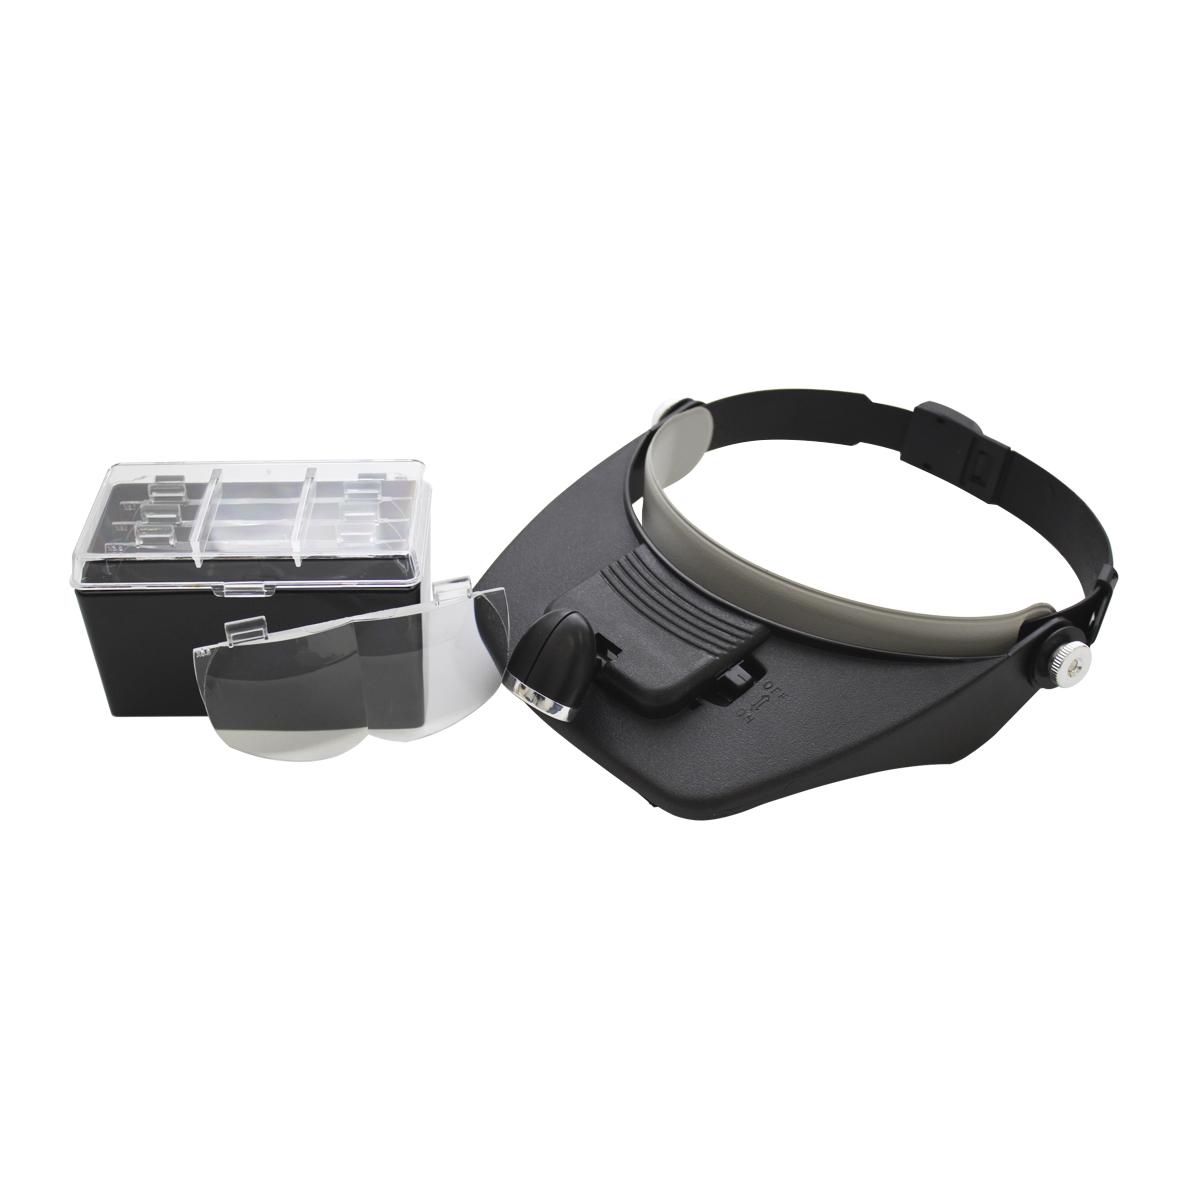 Лупа Bestex с креплением на голову и подсветкой. MG81001-A675296Светодиодная лампа работает от 2 батареек АА. В набор входят 4 различные трехмерные линзы со степенями увеличения 1.2х , 1.8х , 2.5 , 3.5х. Длину крепления можно отрегулировать в зависимости от размера головы.